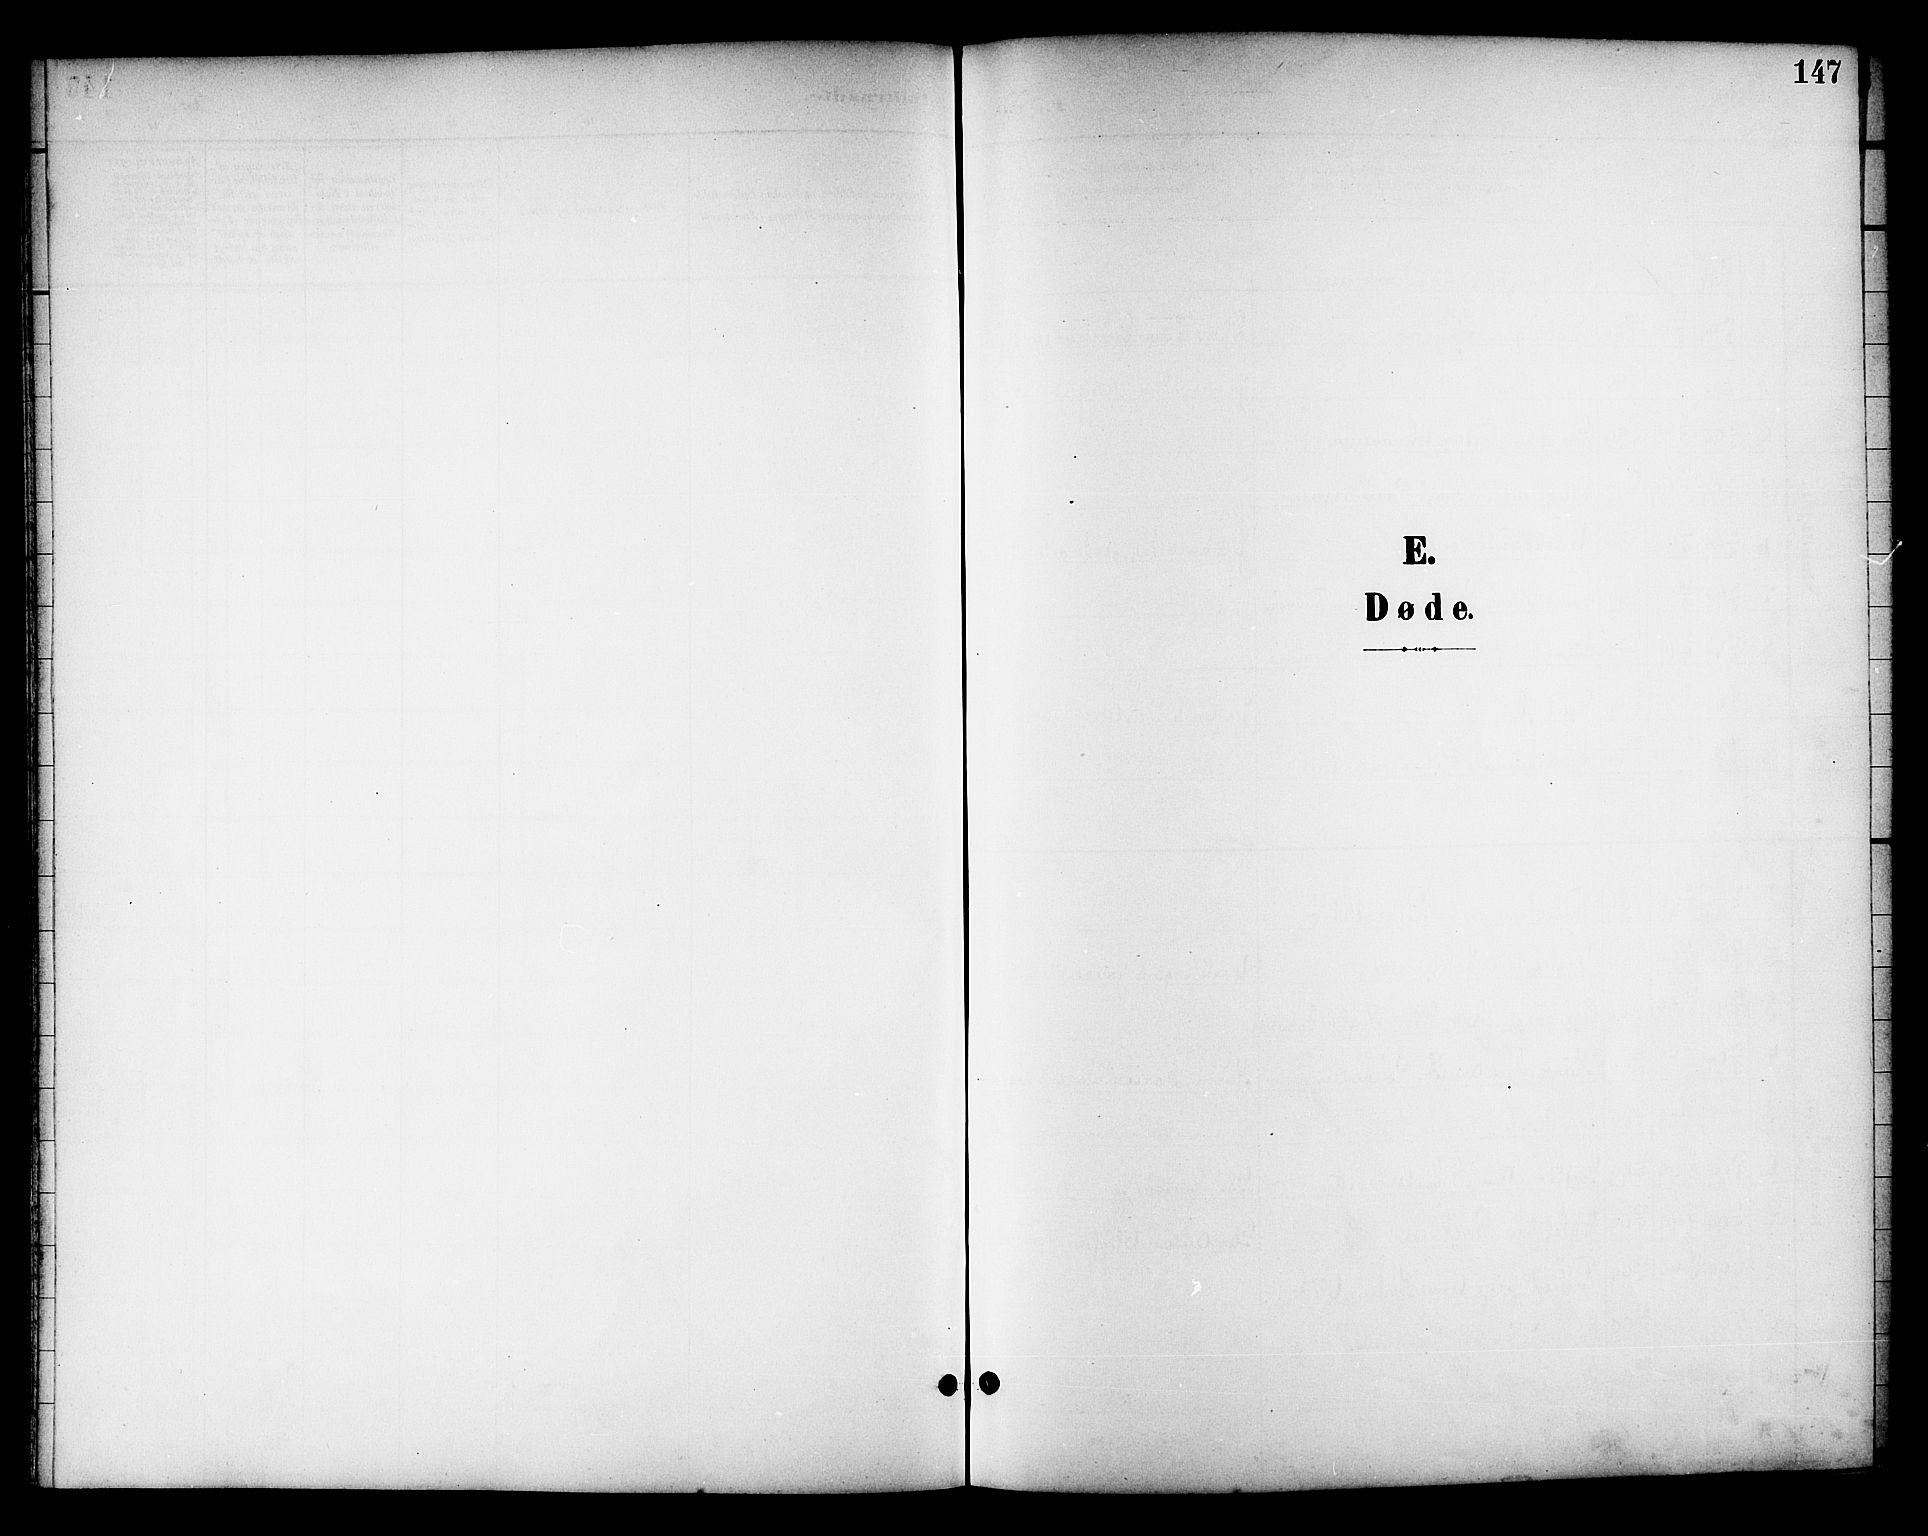 SAT, Ministerialprotokoller, klokkerbøker og fødselsregistre - Nord-Trøndelag, 714/L0135: Klokkerbok nr. 714C04, 1899-1918, s. 147